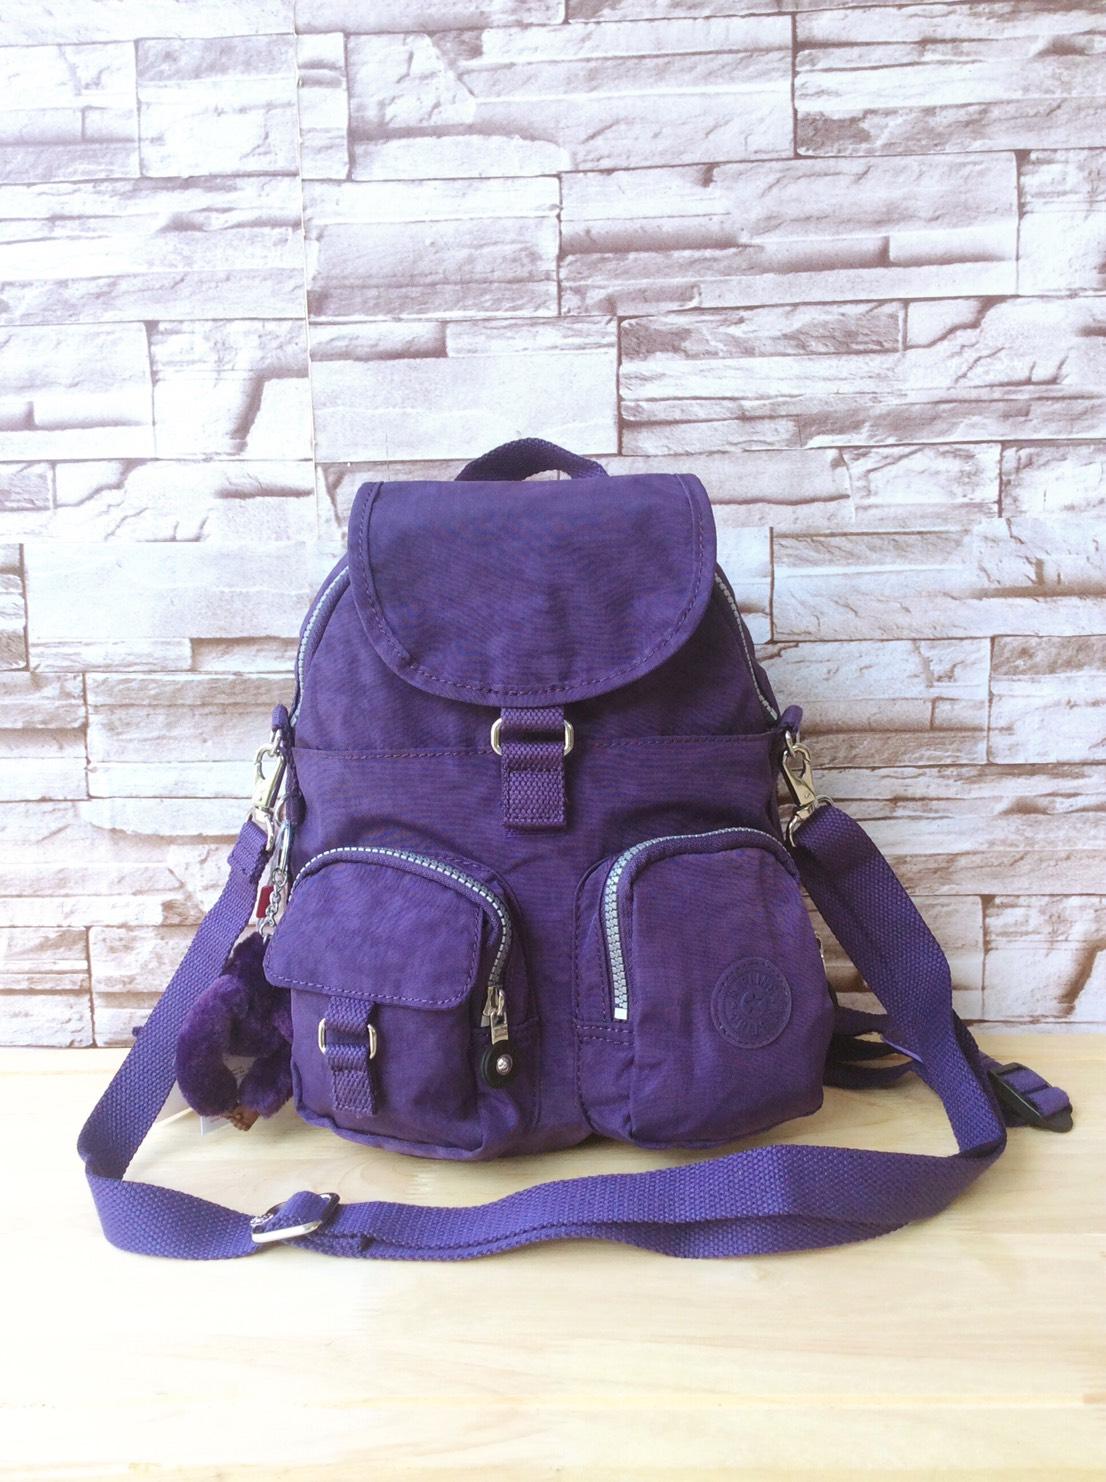 กระเป๋าเป้ Kipling Outlet HK สีม่วง กระเป๋าเป้ ขนาดเล็กขนาดกระทัดรัด